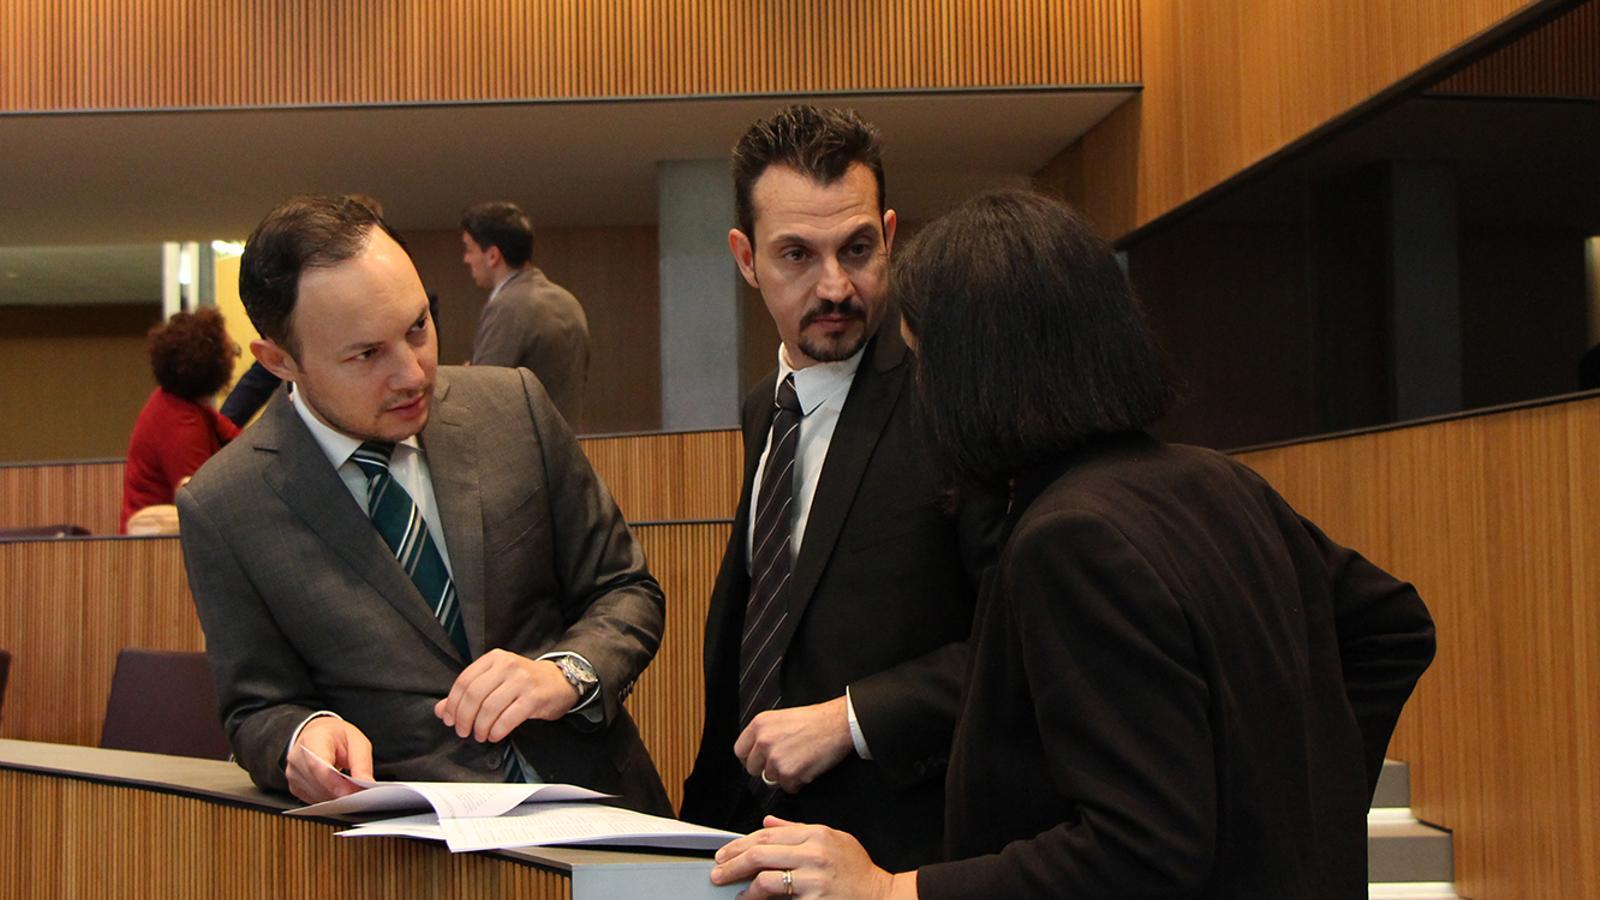 El ministre d'Afers Socials, Justícia i Interior, Xavier Espot, conversa amb els consellers del PS i de DA Gerard Alís i Sofia Garrallà. / M. F. (ANA)